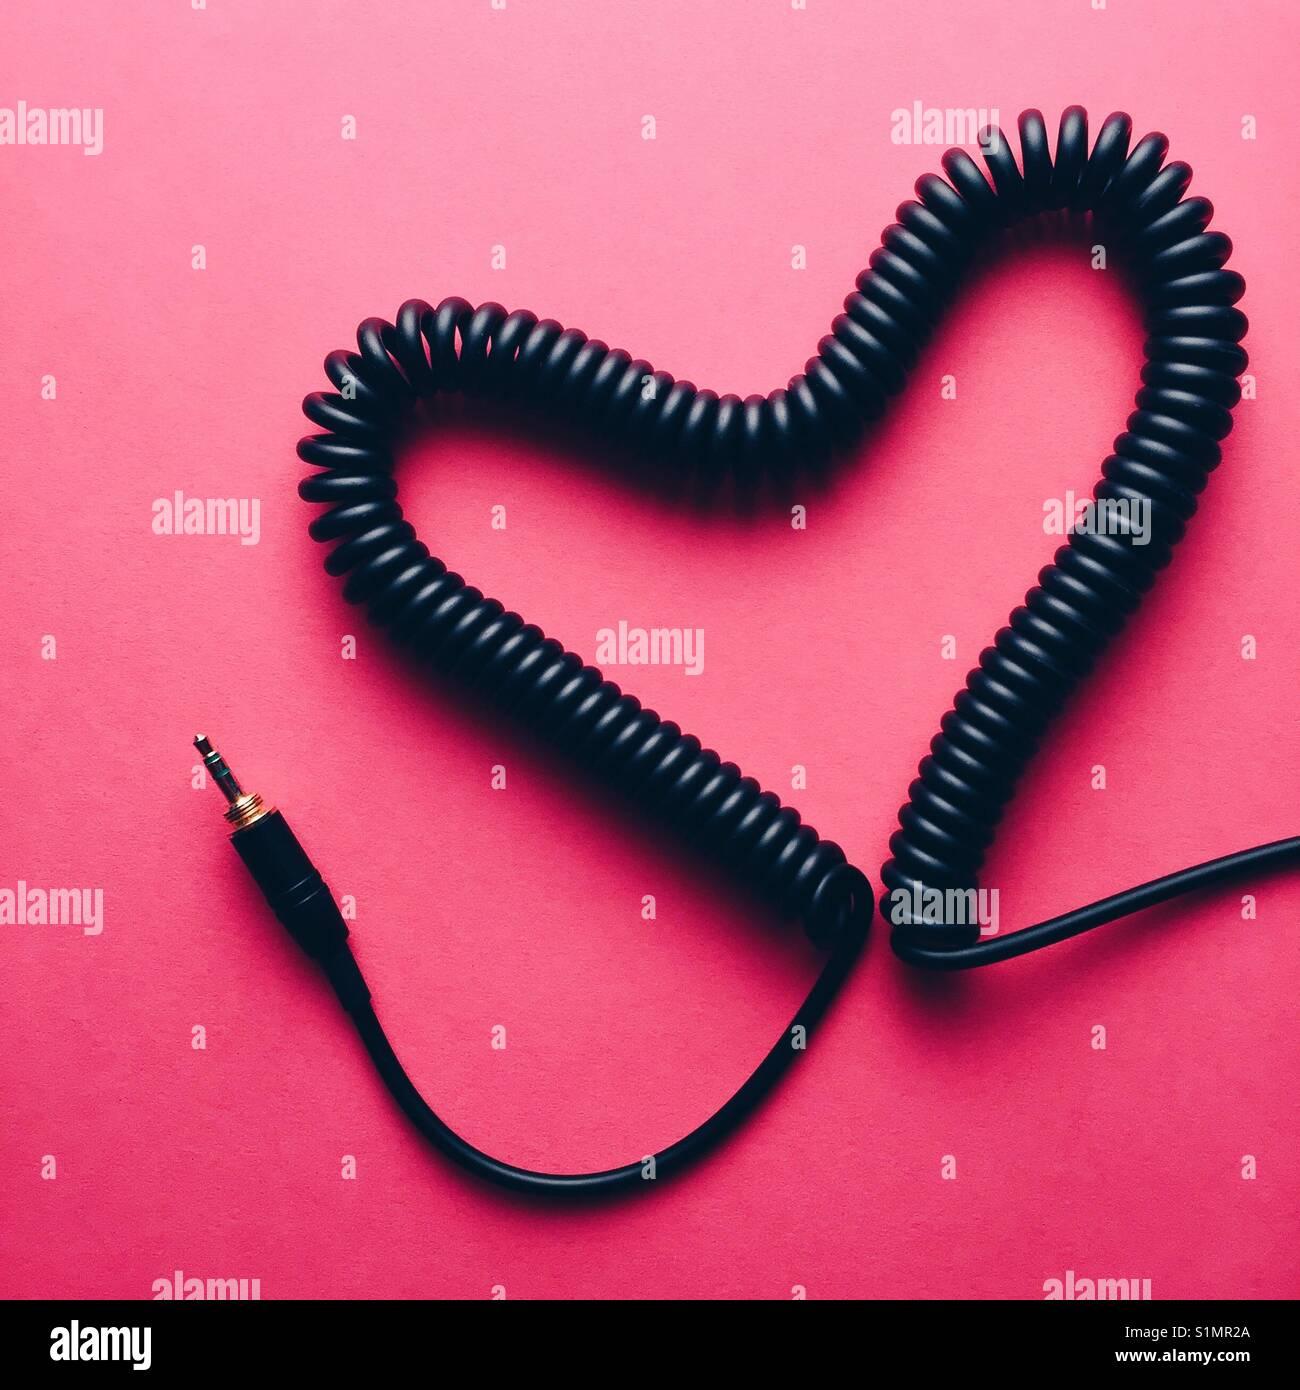 Un cable de auriculares en espiral en forma de corazón sobre un fondo de color rosa Imagen De Stock